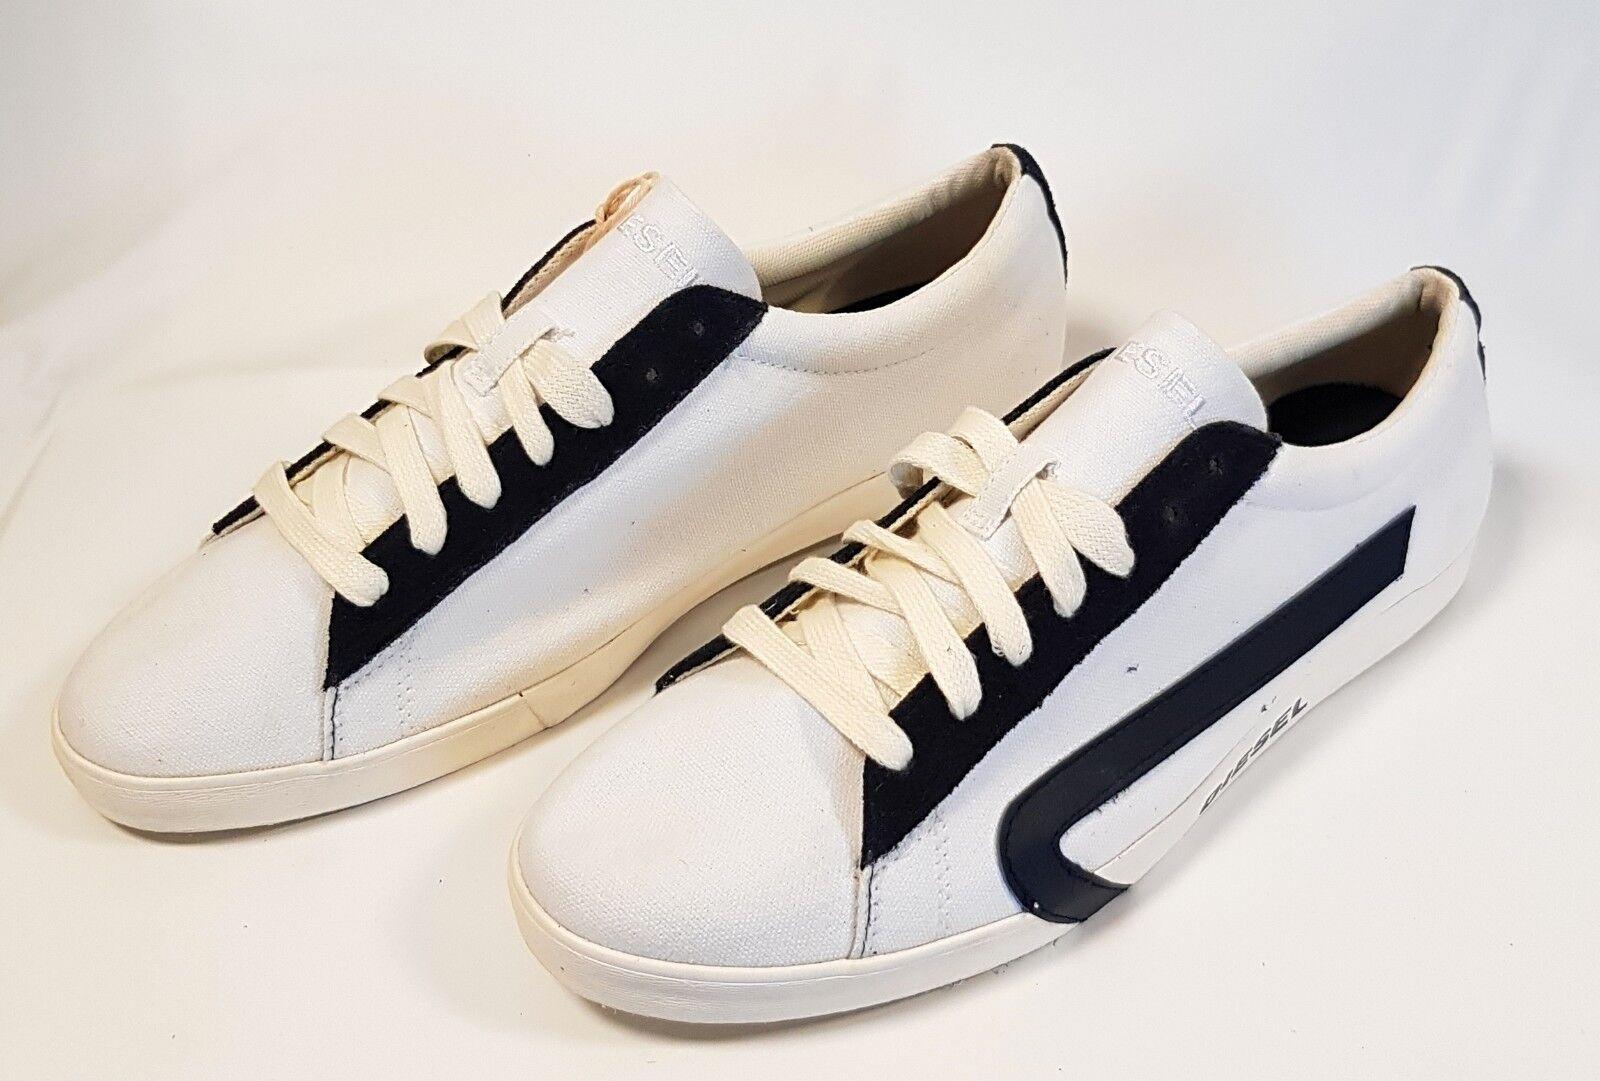 DIESEL  bikkren   uomo scarpe da ginnastica ginnastica ginnastica Uomo shoes y01112 p0576 h1340 B 6956b7